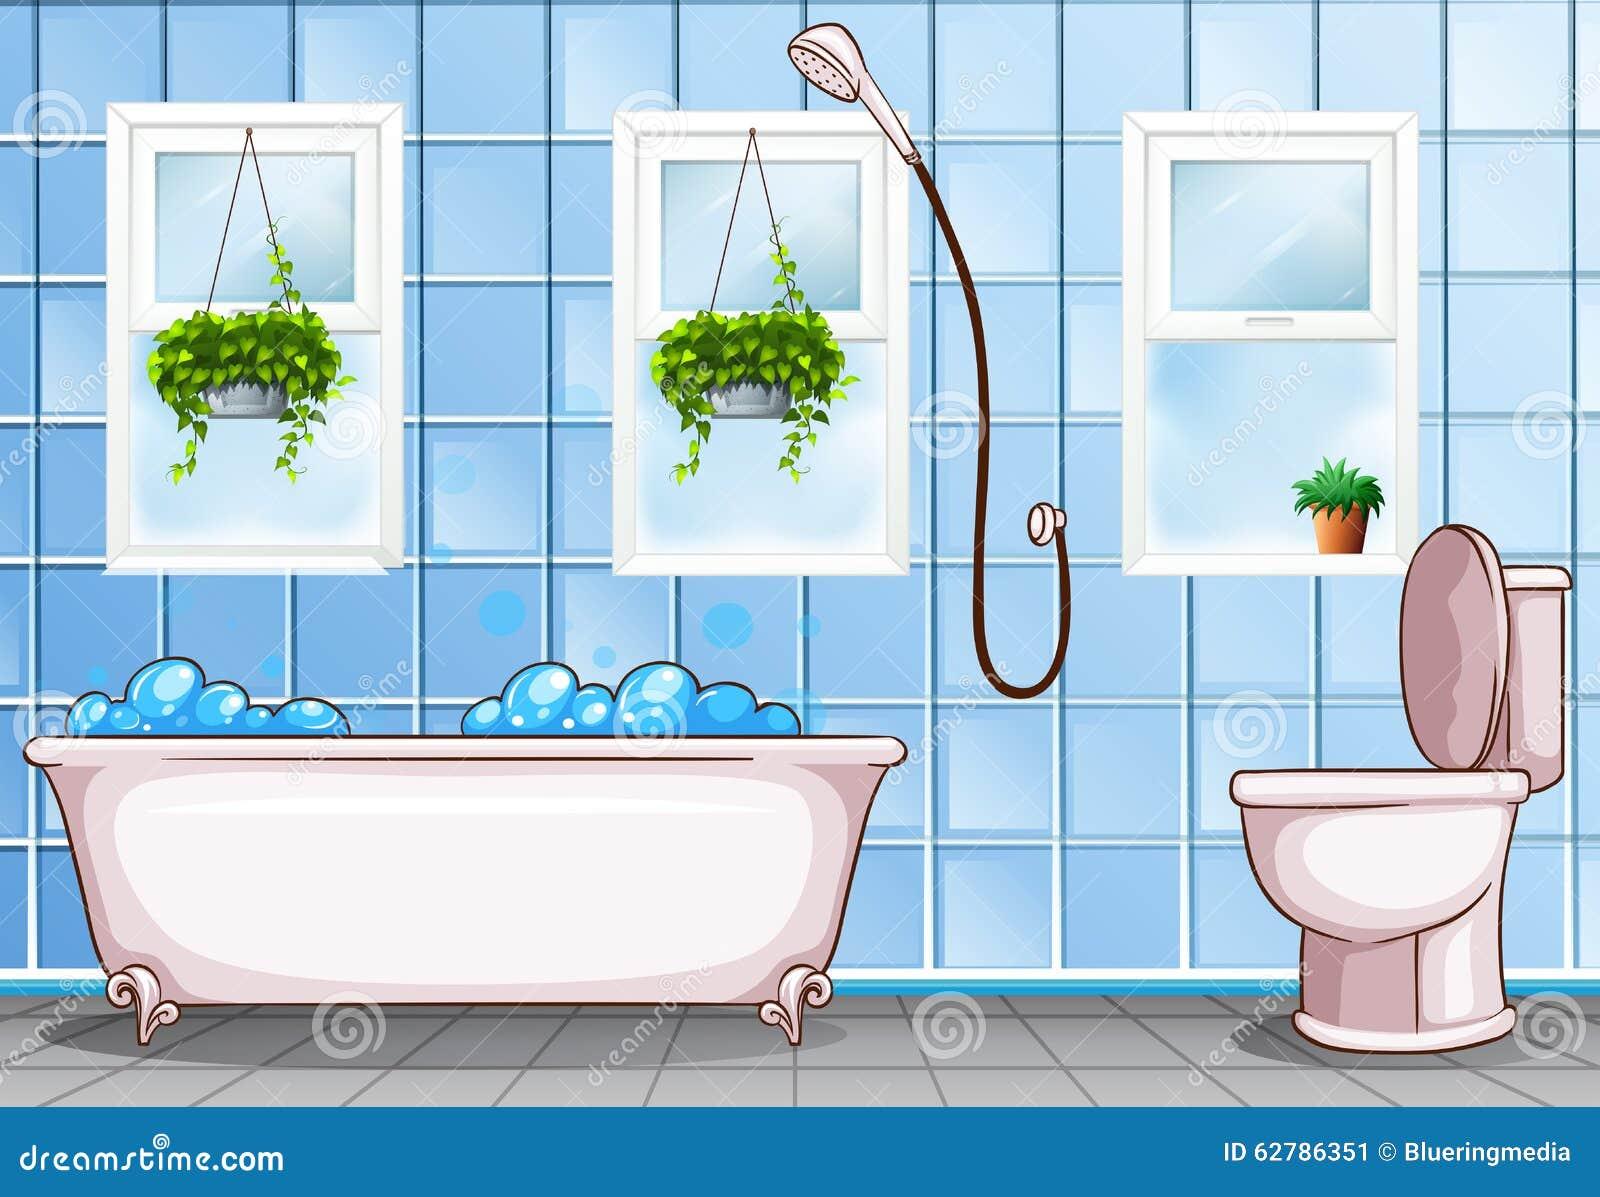 badezimmer mit badewanne und toilette vektor abbildung bild 62786351. Black Bedroom Furniture Sets. Home Design Ideas